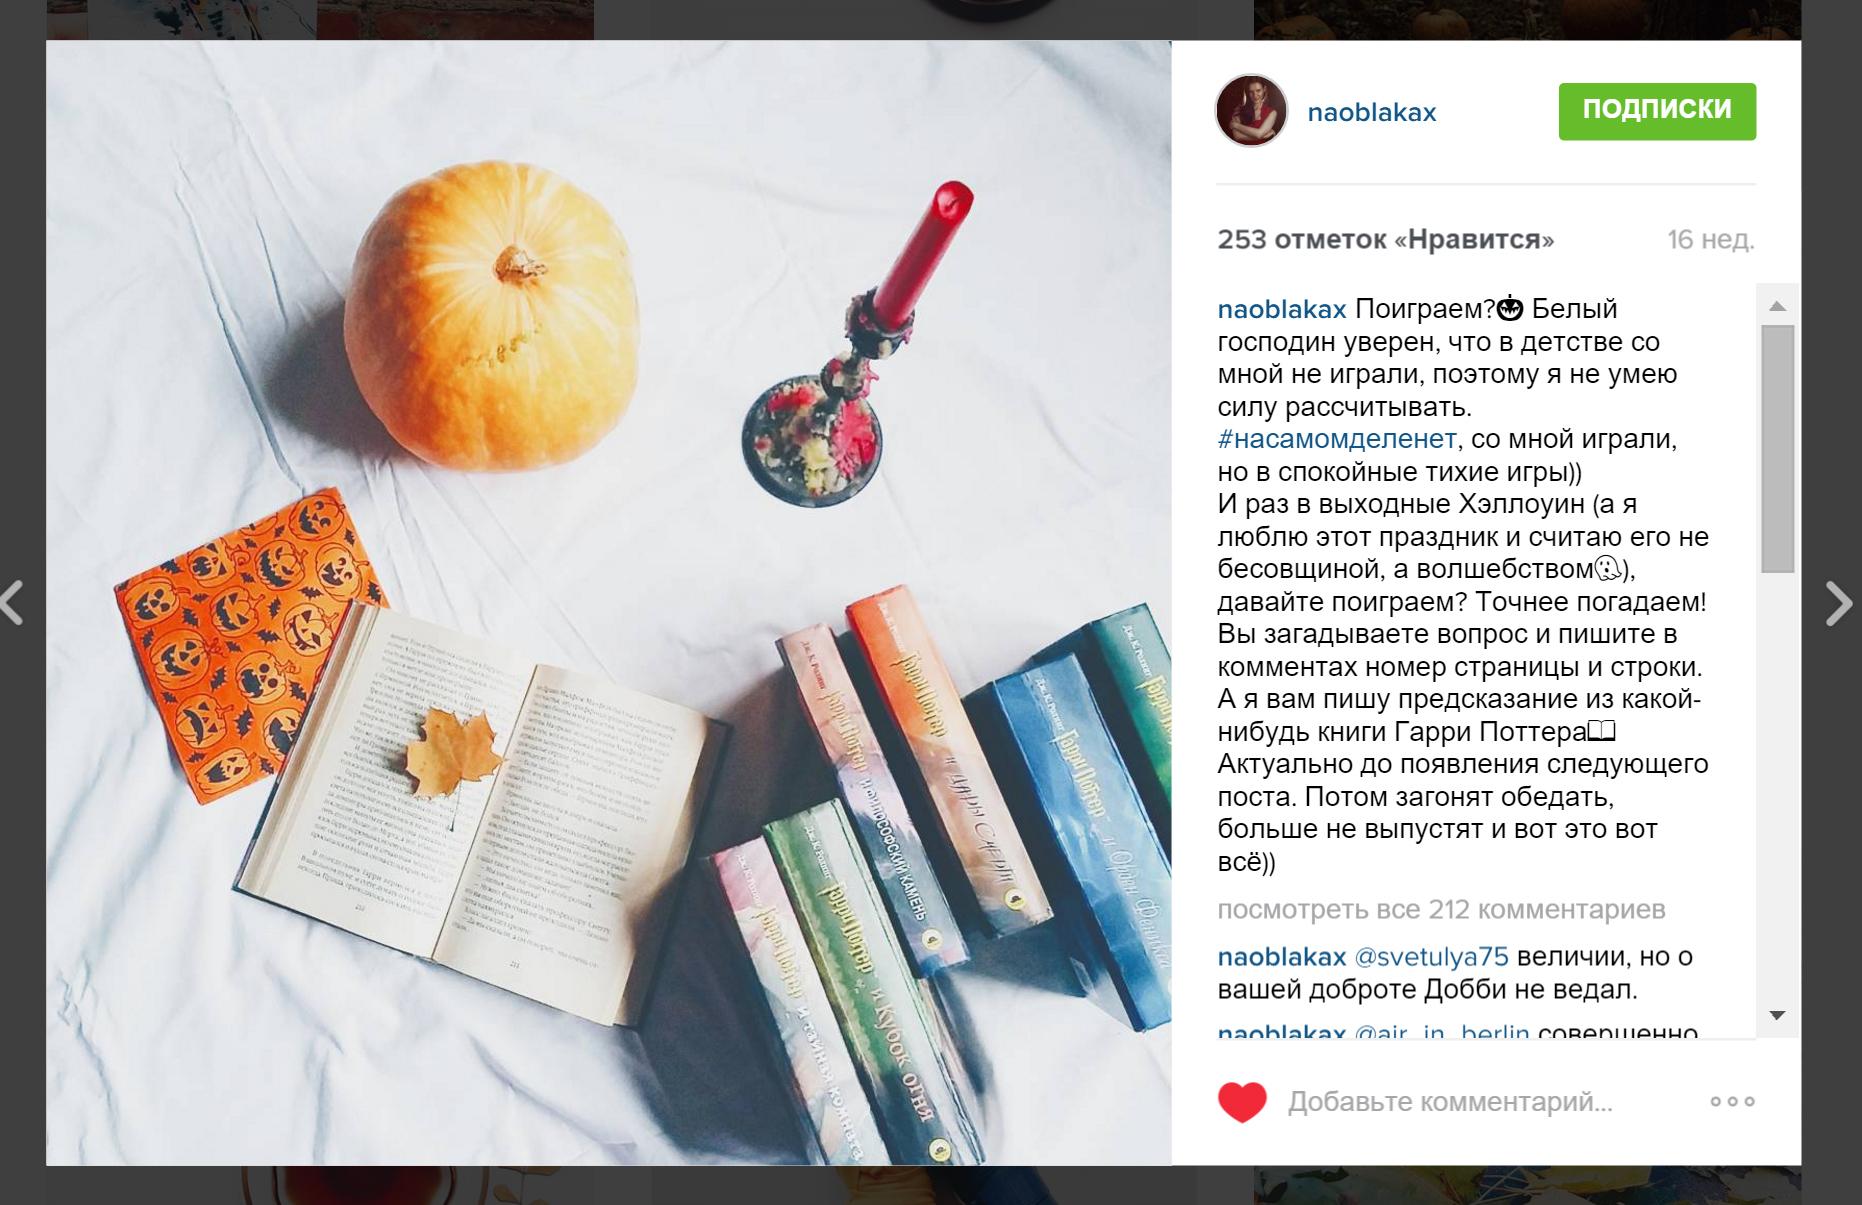 kak-sdelat-xoroshee-foto-v-instagram-fotofon |naoblakax.ru